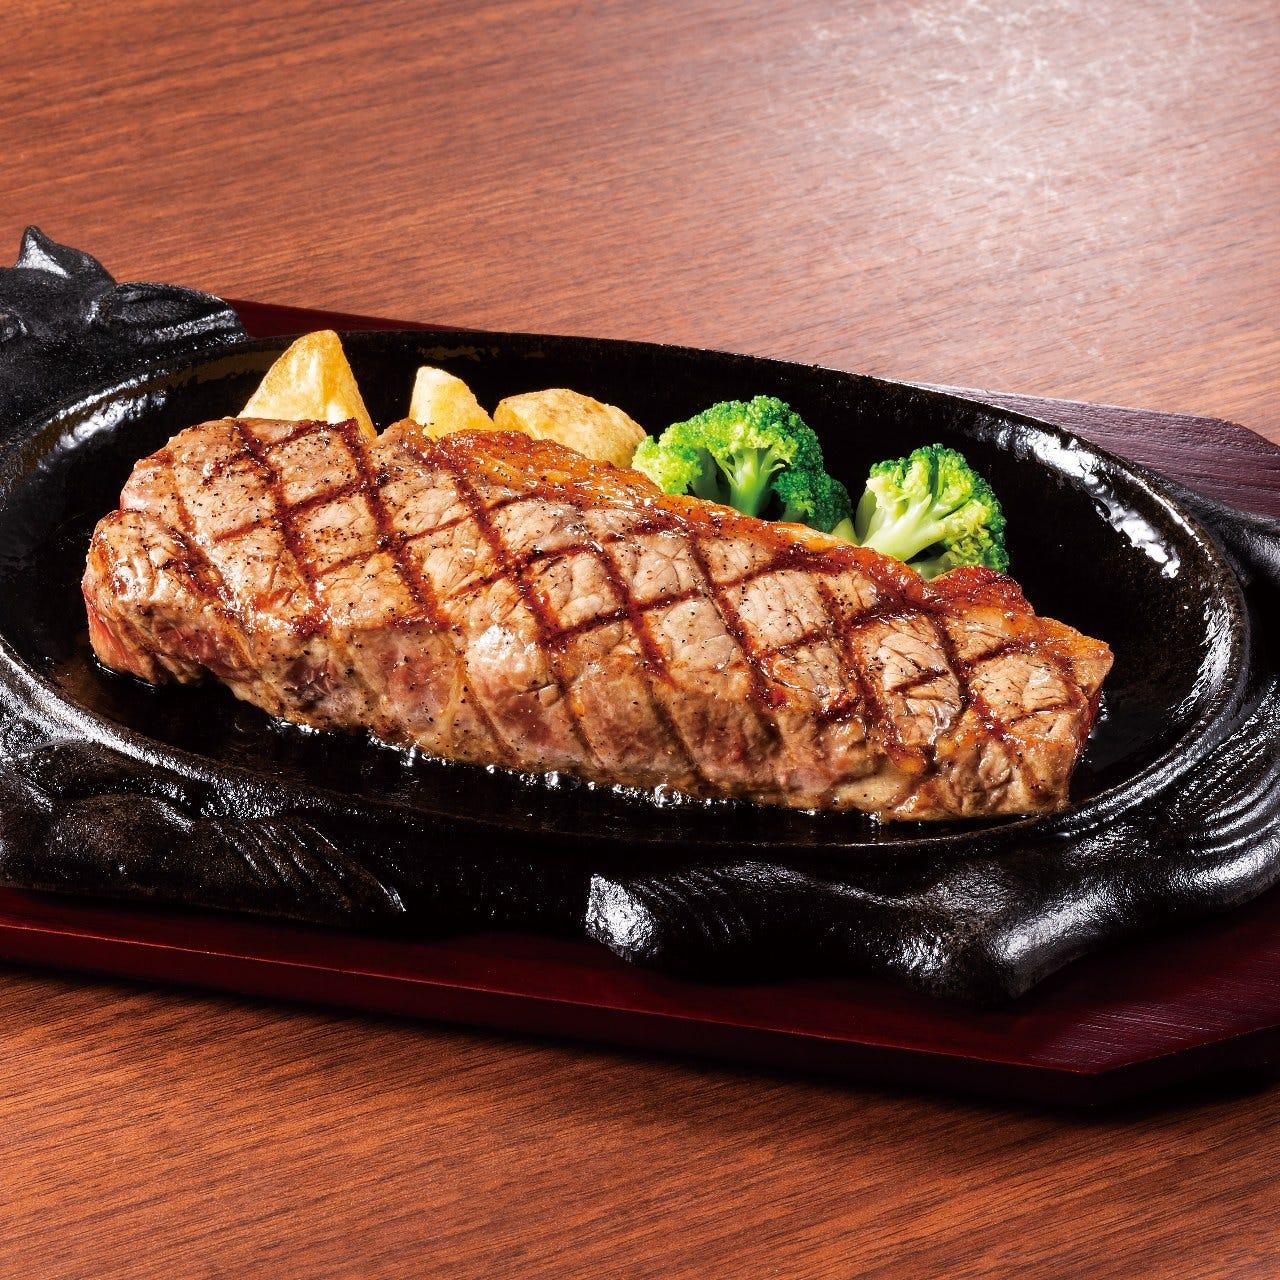 噛みしめるほど、旨味があふれるジューシーなステーキです。